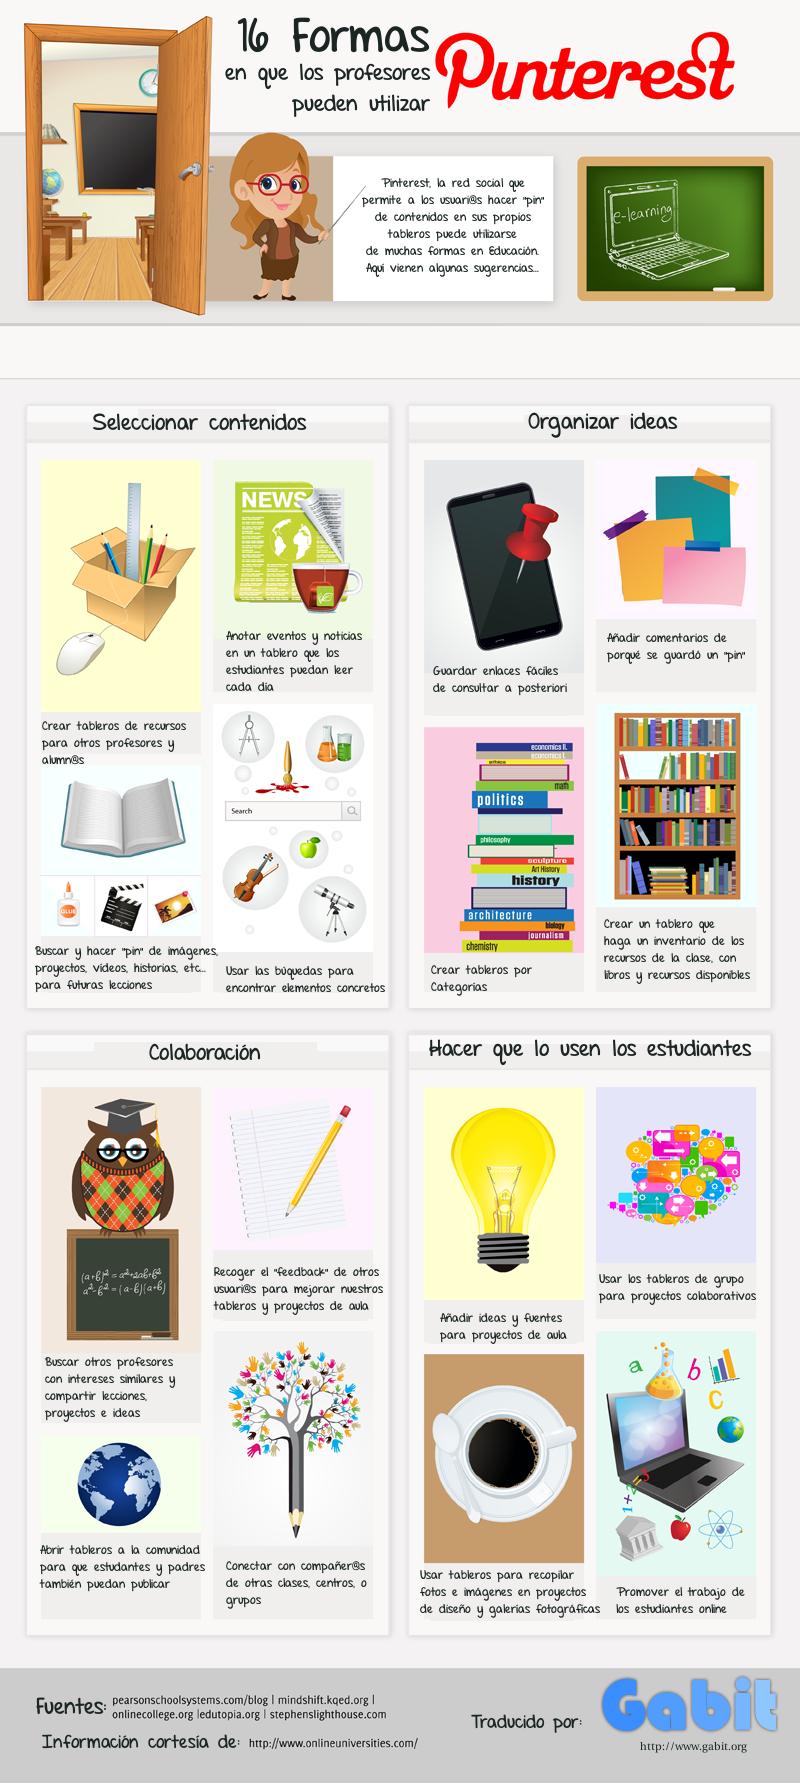 Infografía: 16 formas 16 formas en que los profesores pueden utilizar Pinterest.